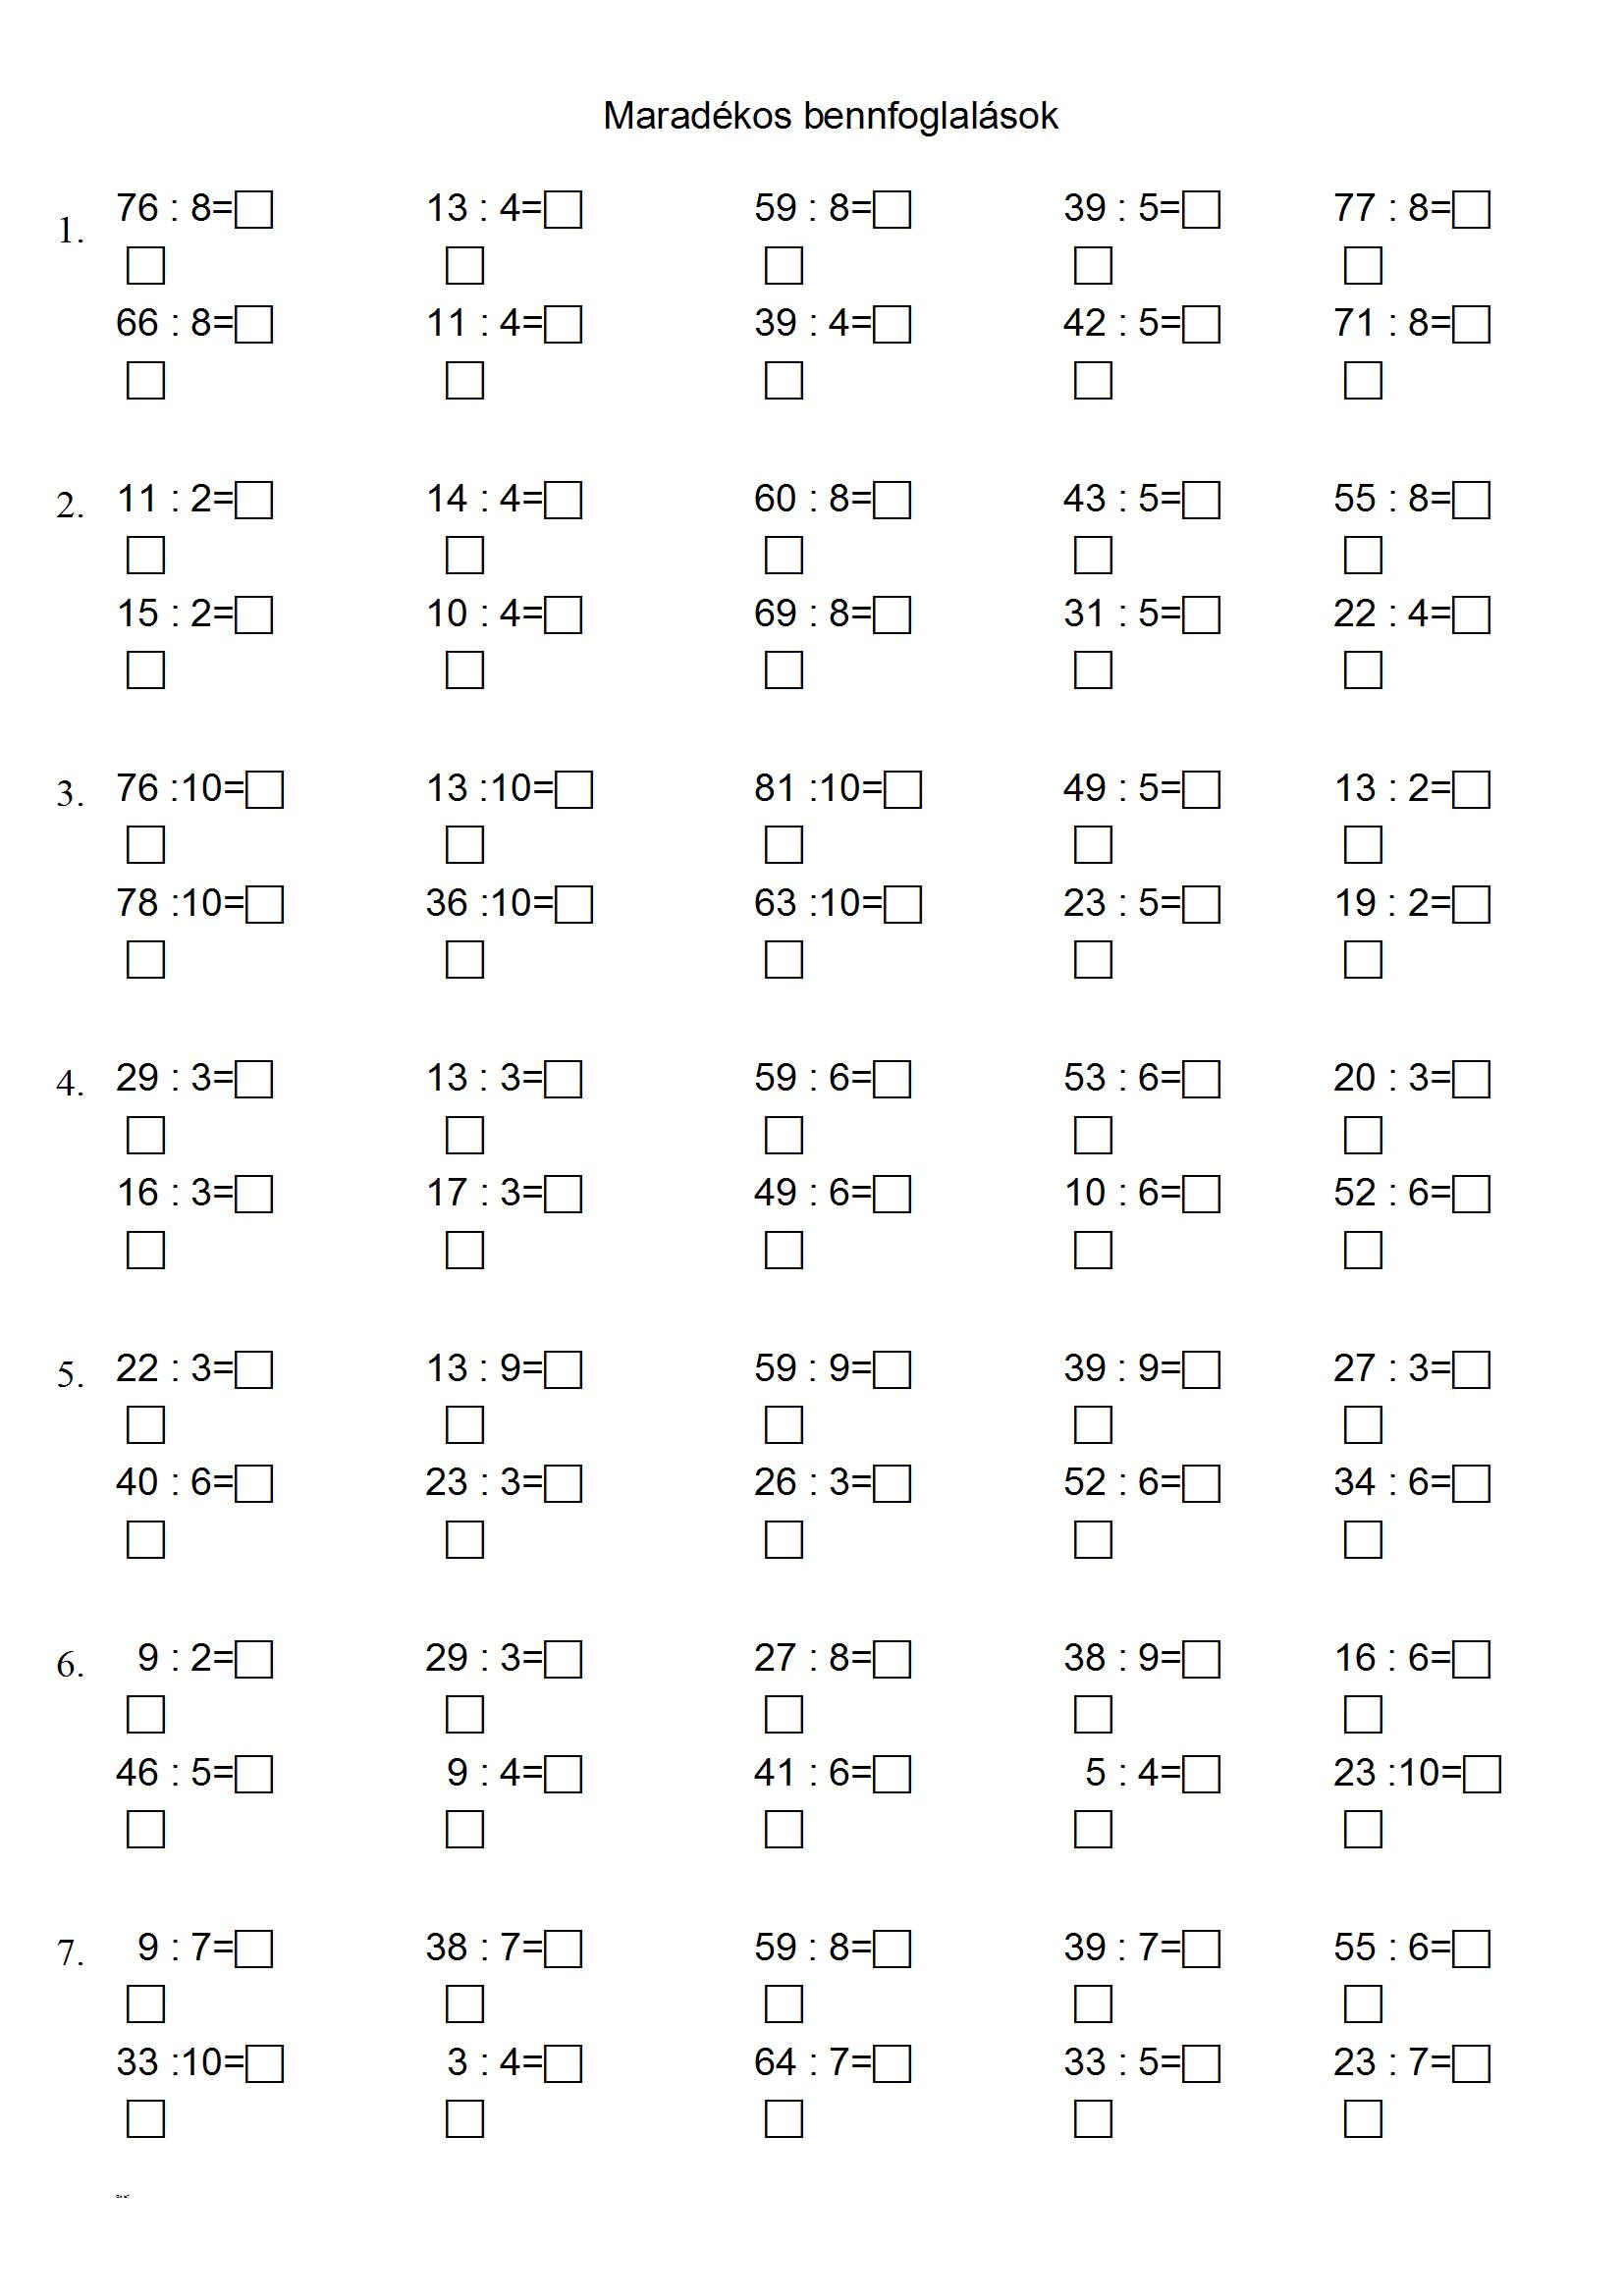 Maradékos bennfoglalások1.doc   Homeschool math [ 2339 x 1654 Pixel ]